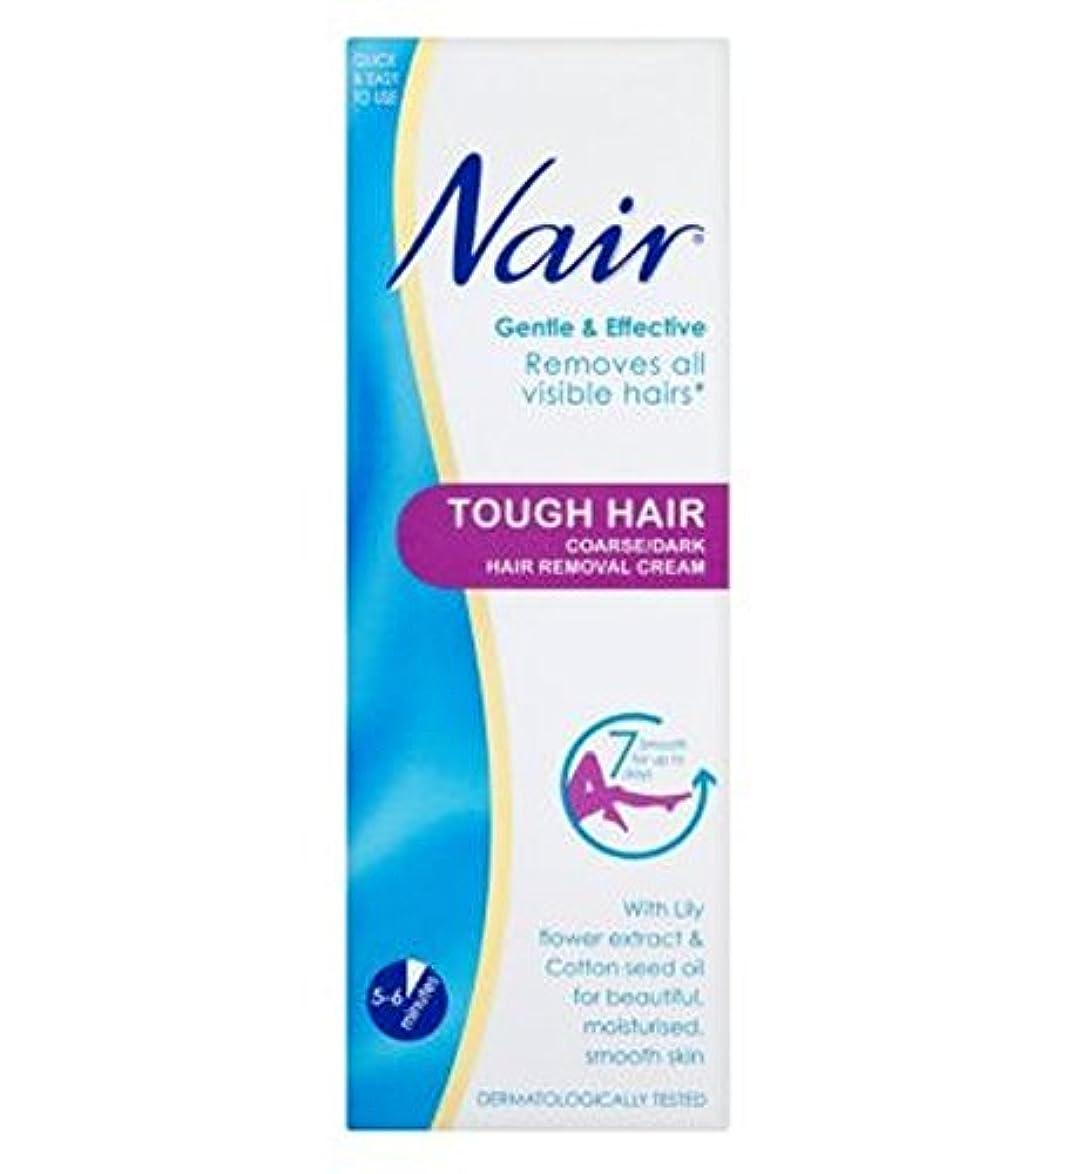 結婚するスロープ確実ナイールタフな毛脱毛クリーム200ミリリットル (Nair) (x2) - Nair Tough Hair Hair Removal Cream 200ml (Pack of 2) [並行輸入品]